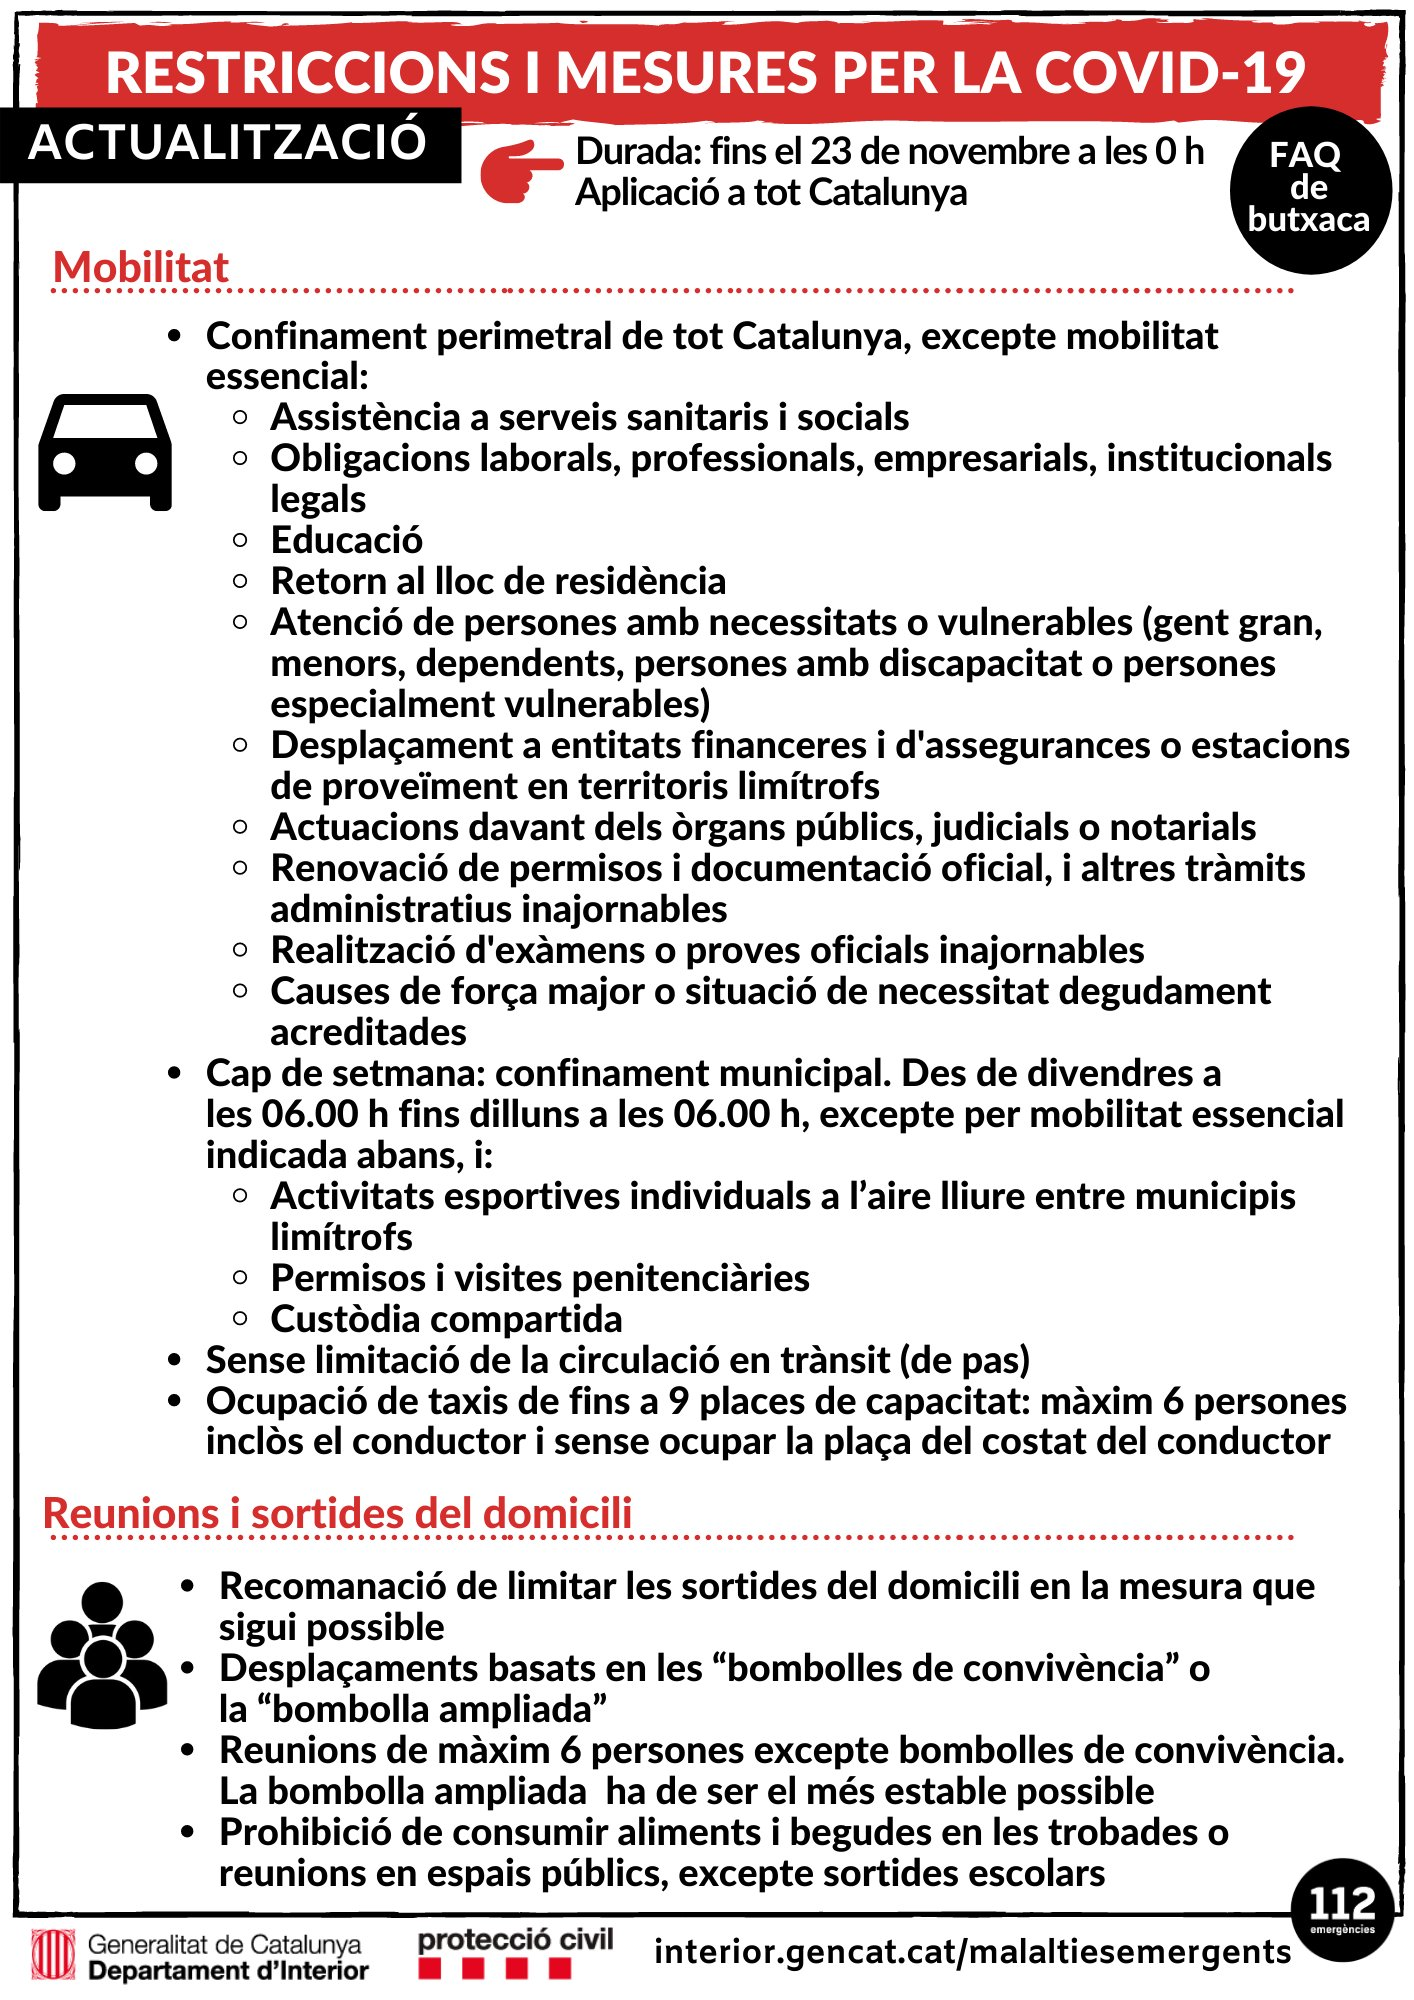 ACTUALITZACIÓ 14-11-20 | Mesures vigents per contenir els brots de COVID-19